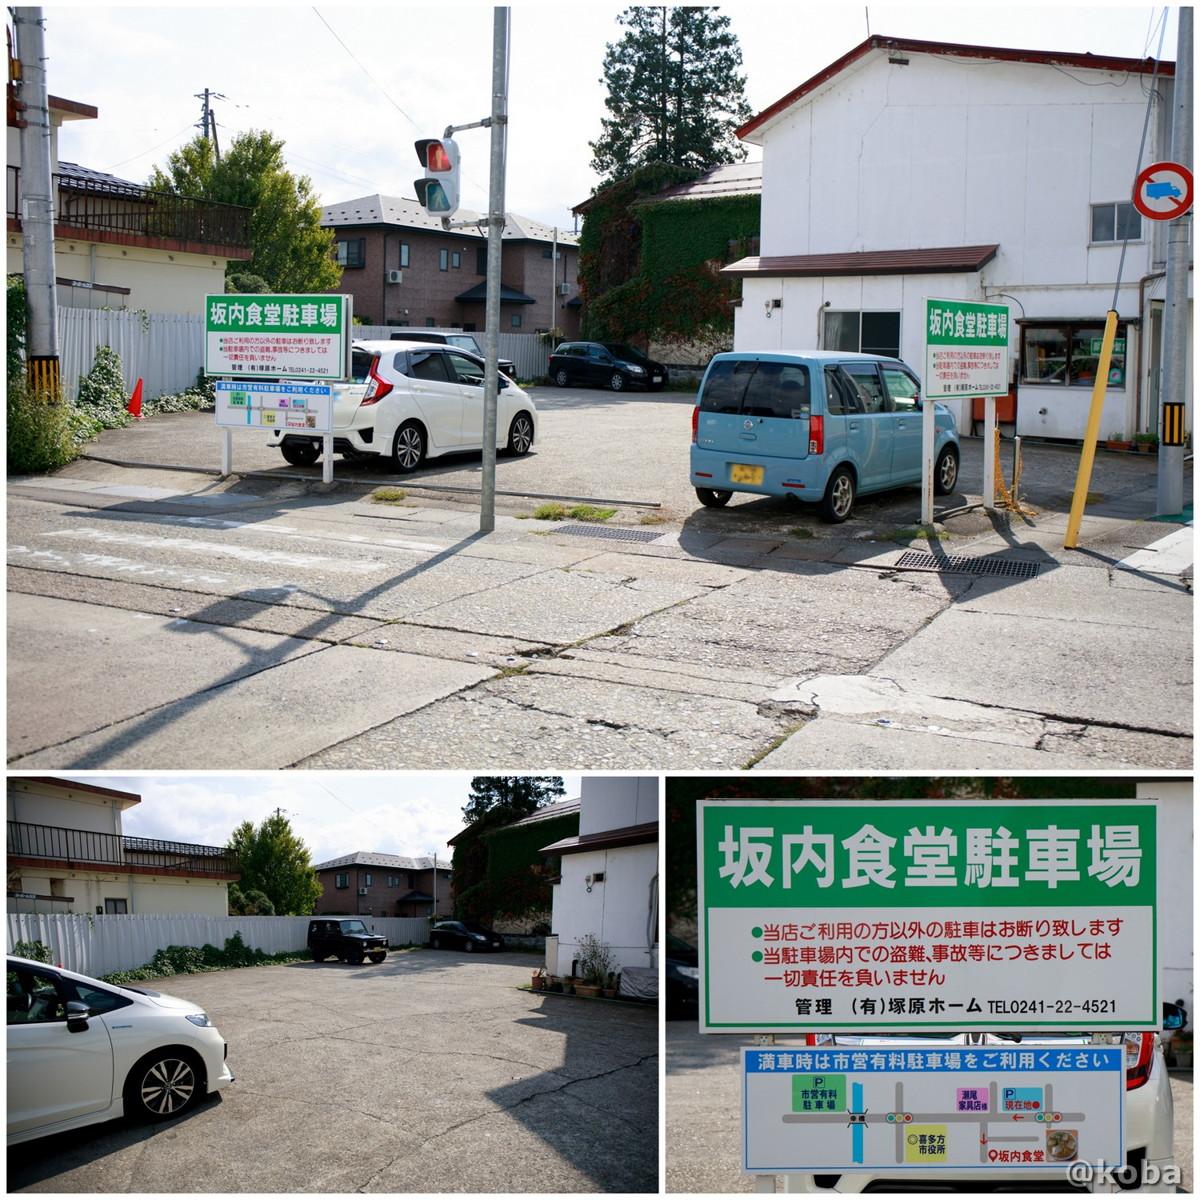 第二駐車場の写真│坂内食堂(ばんないしょくどう)本店 らーめん│福島県 喜多方ブログ